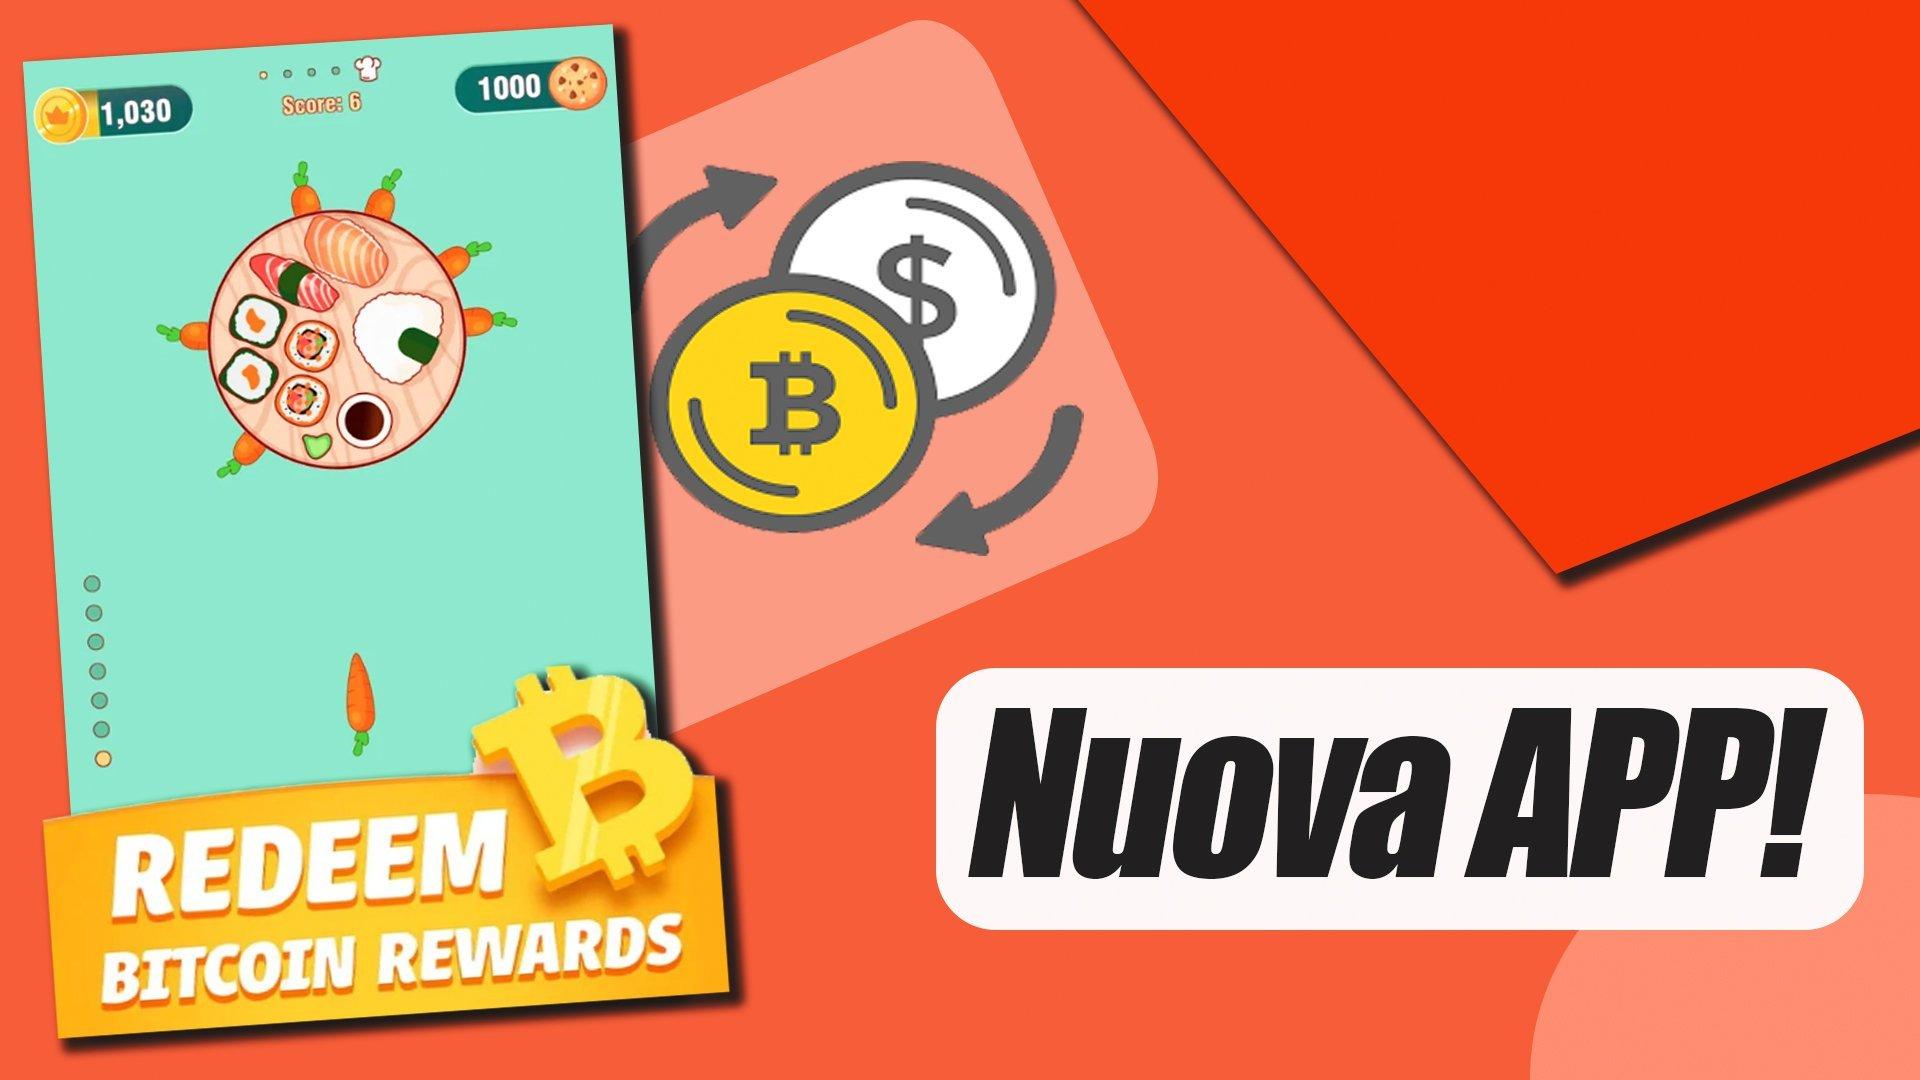 È possibile guadagnare Bitcoin giocando?